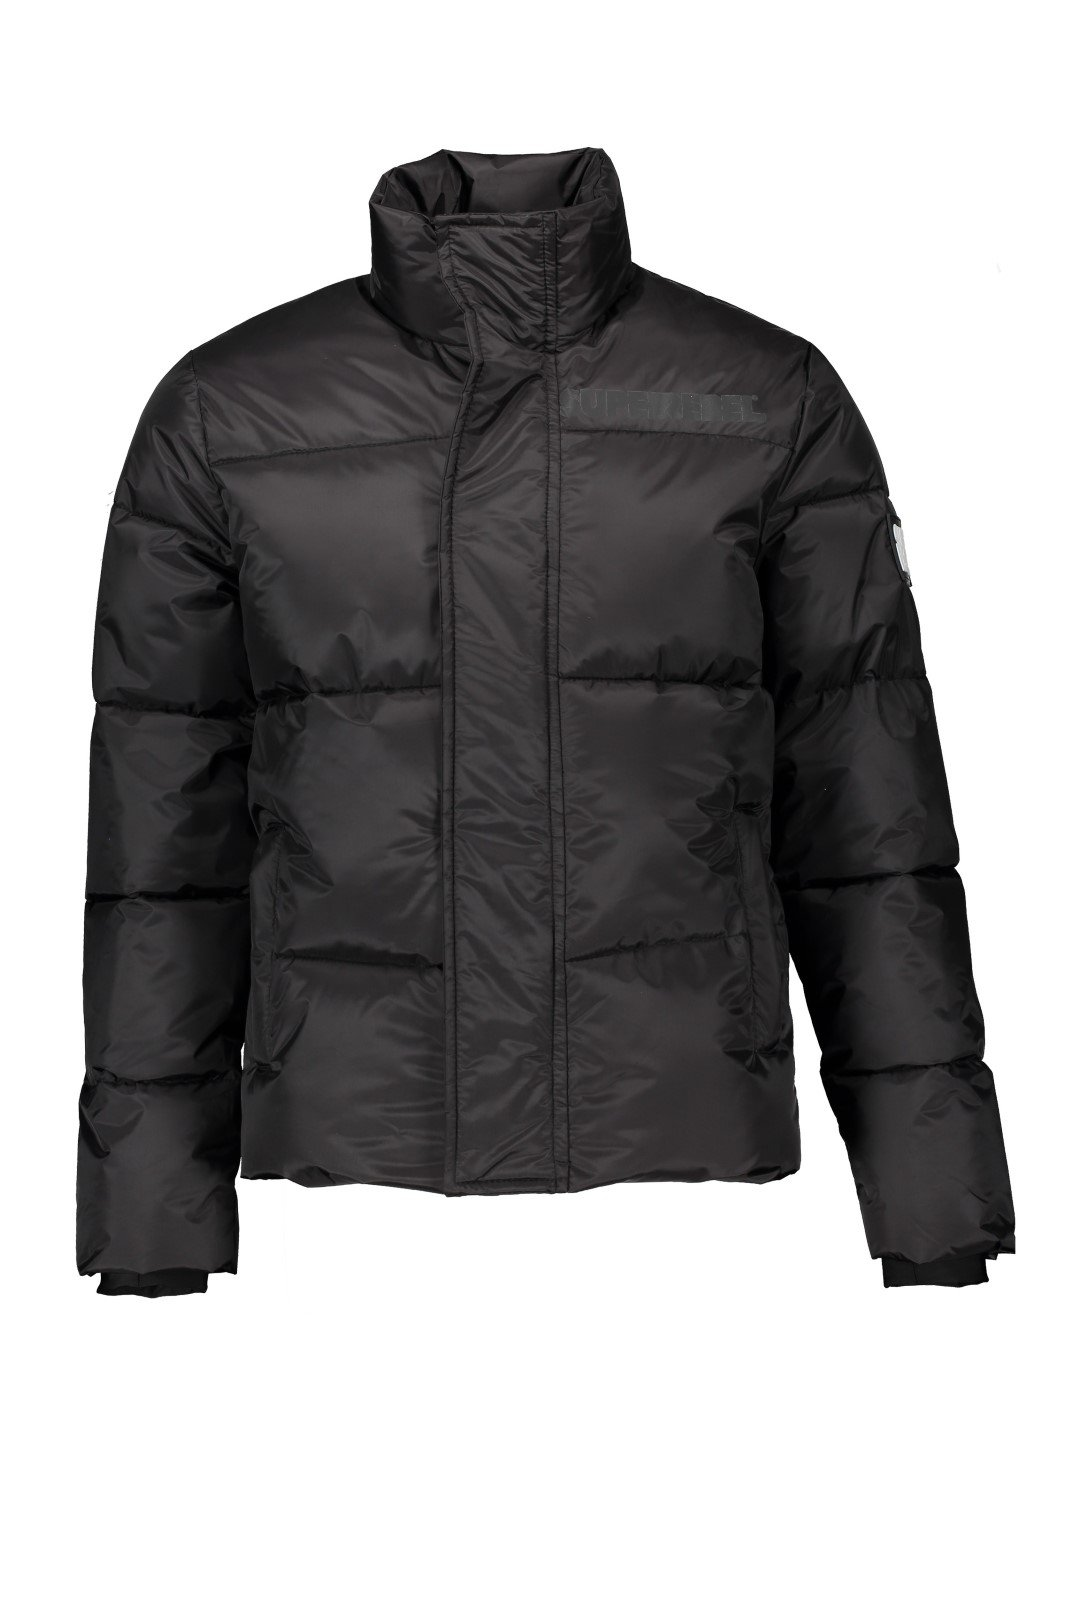 Superrebel Boys State Jacket 2022